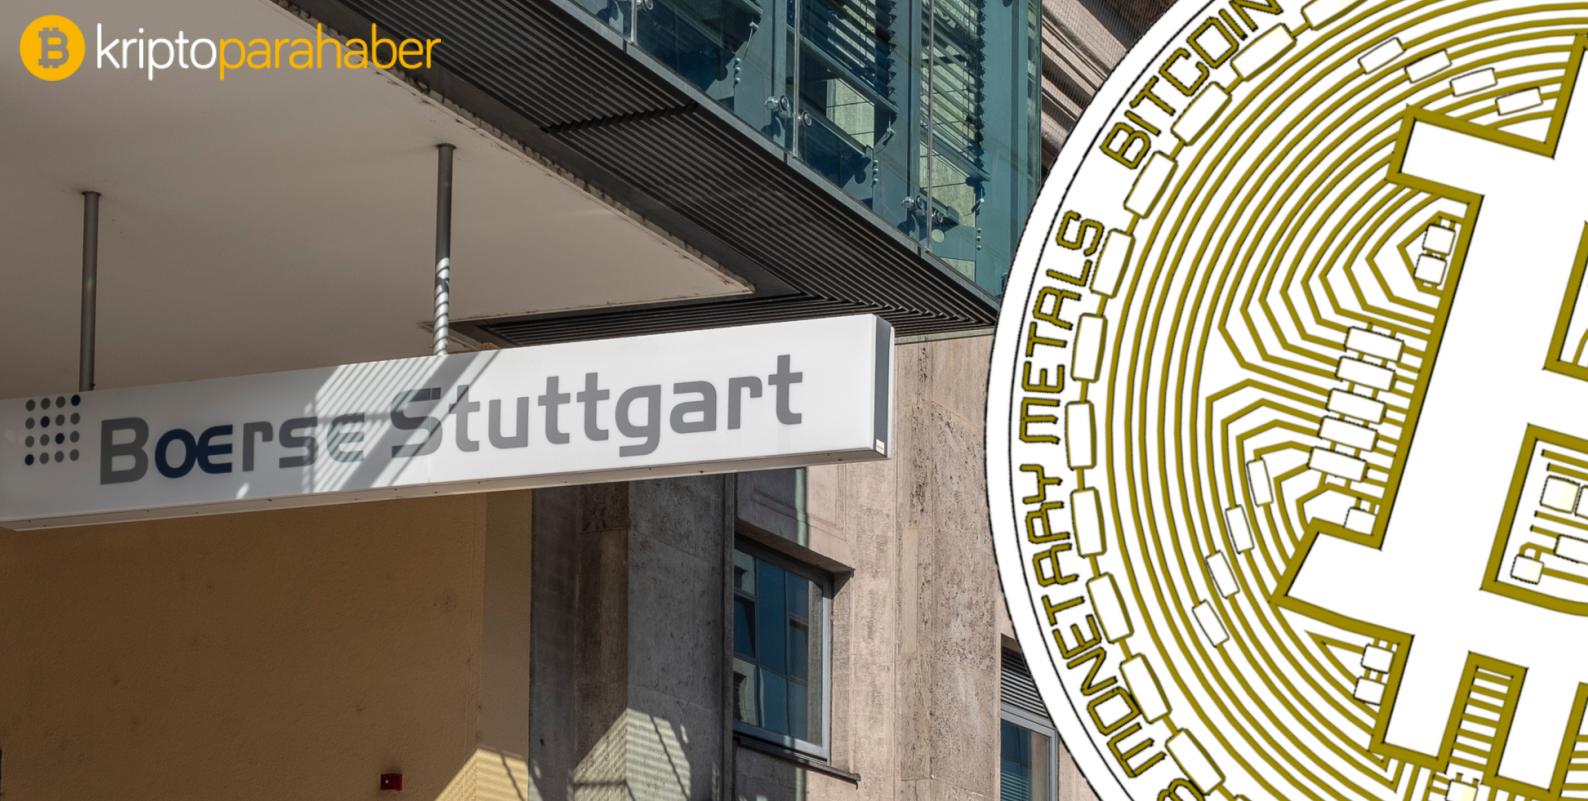 Almanya'nın en büyük ikinci borsası, MTF teklif sunmak istiyor